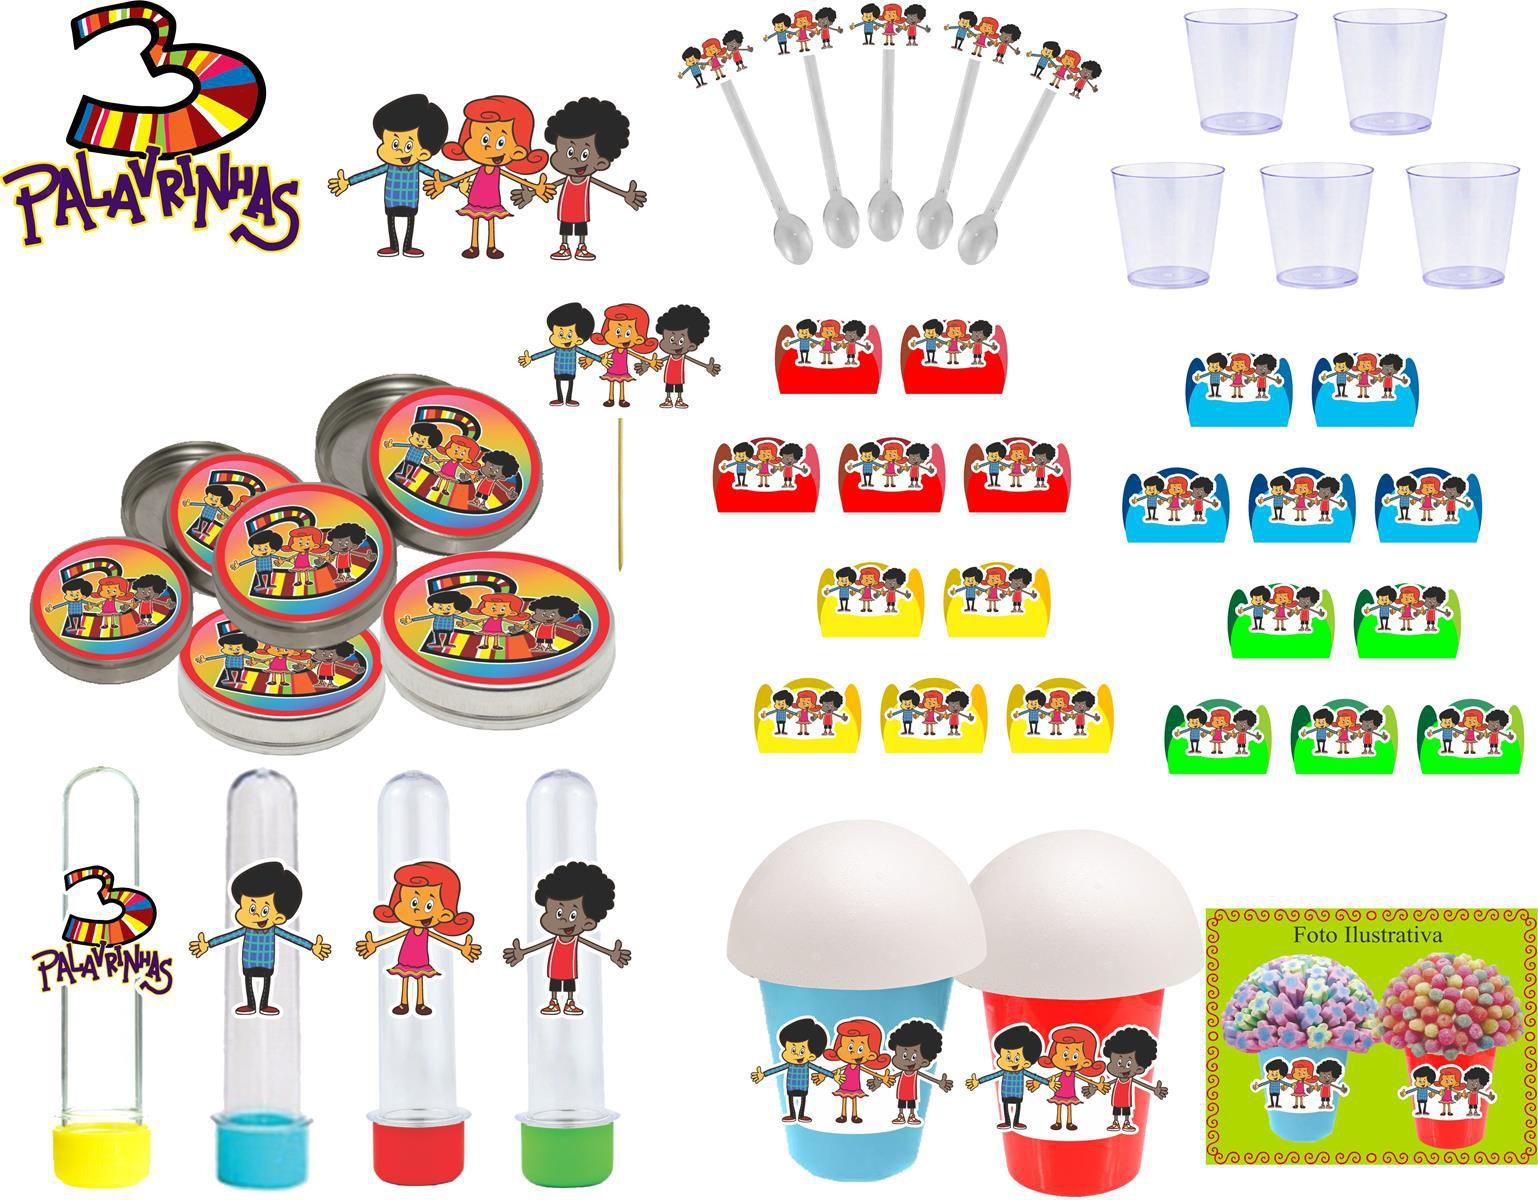 Kit festa infantil 3 Palavrinhas 155 peças (20 pessoas)